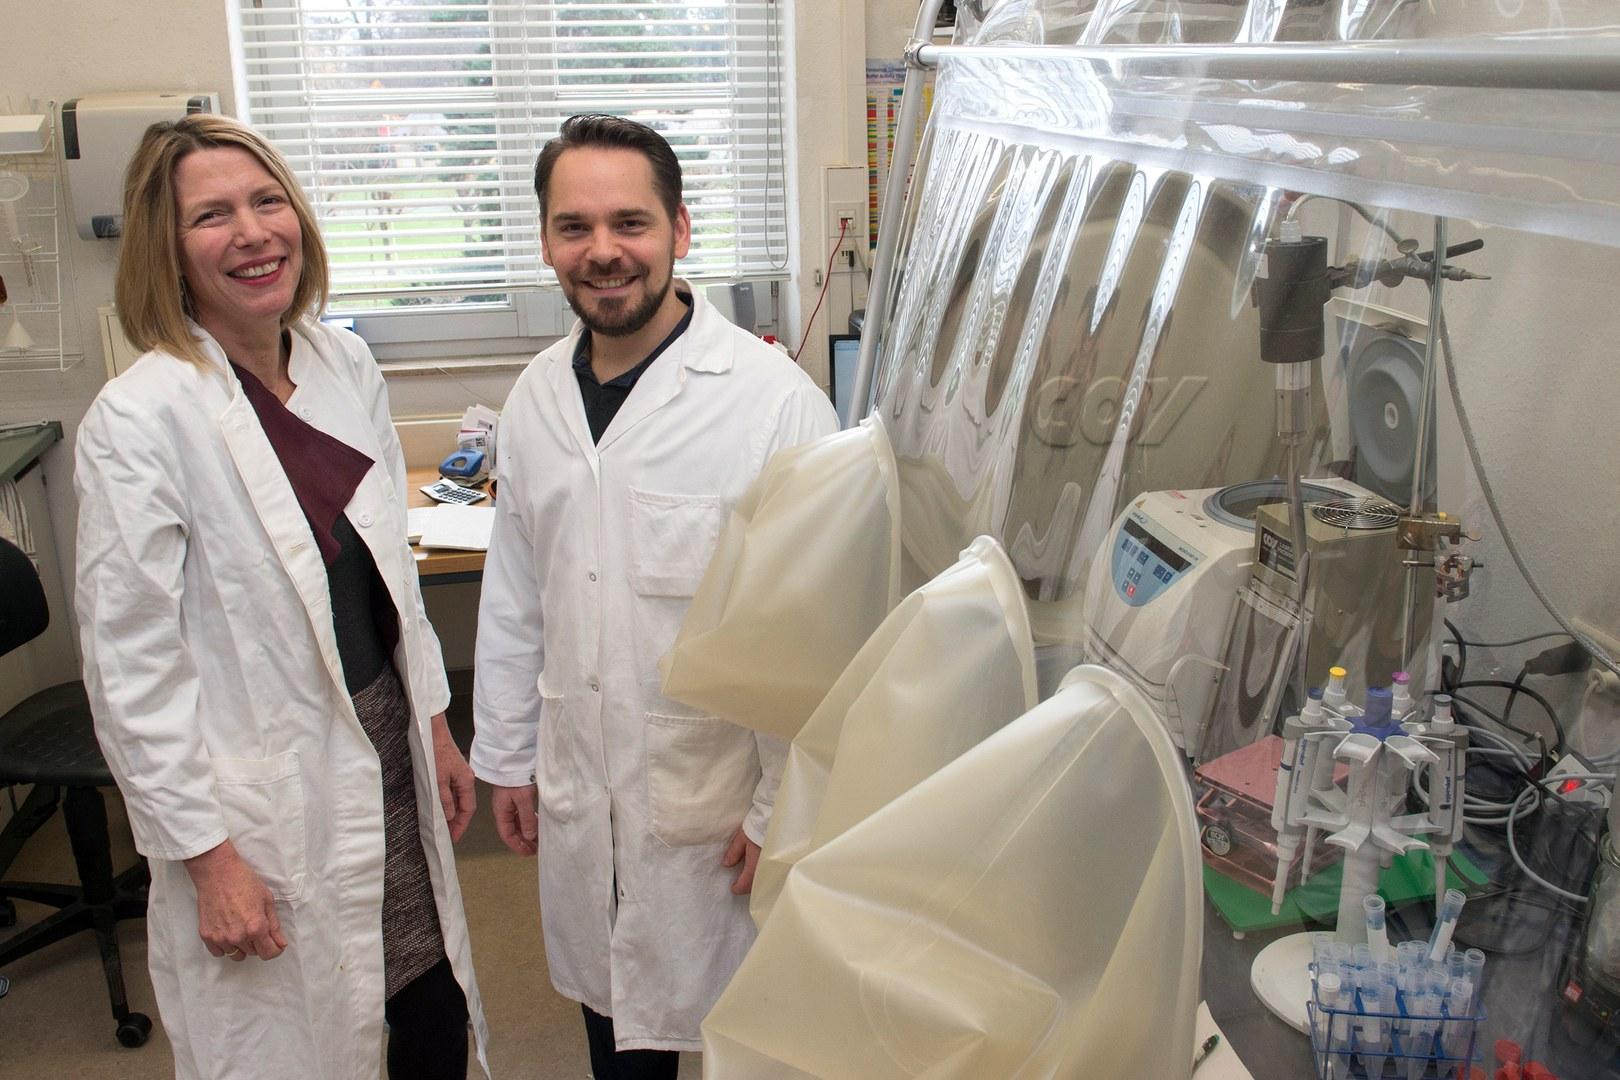 Privatdozentin Dr. Christiane Dahl und Dr. Fabian Grein